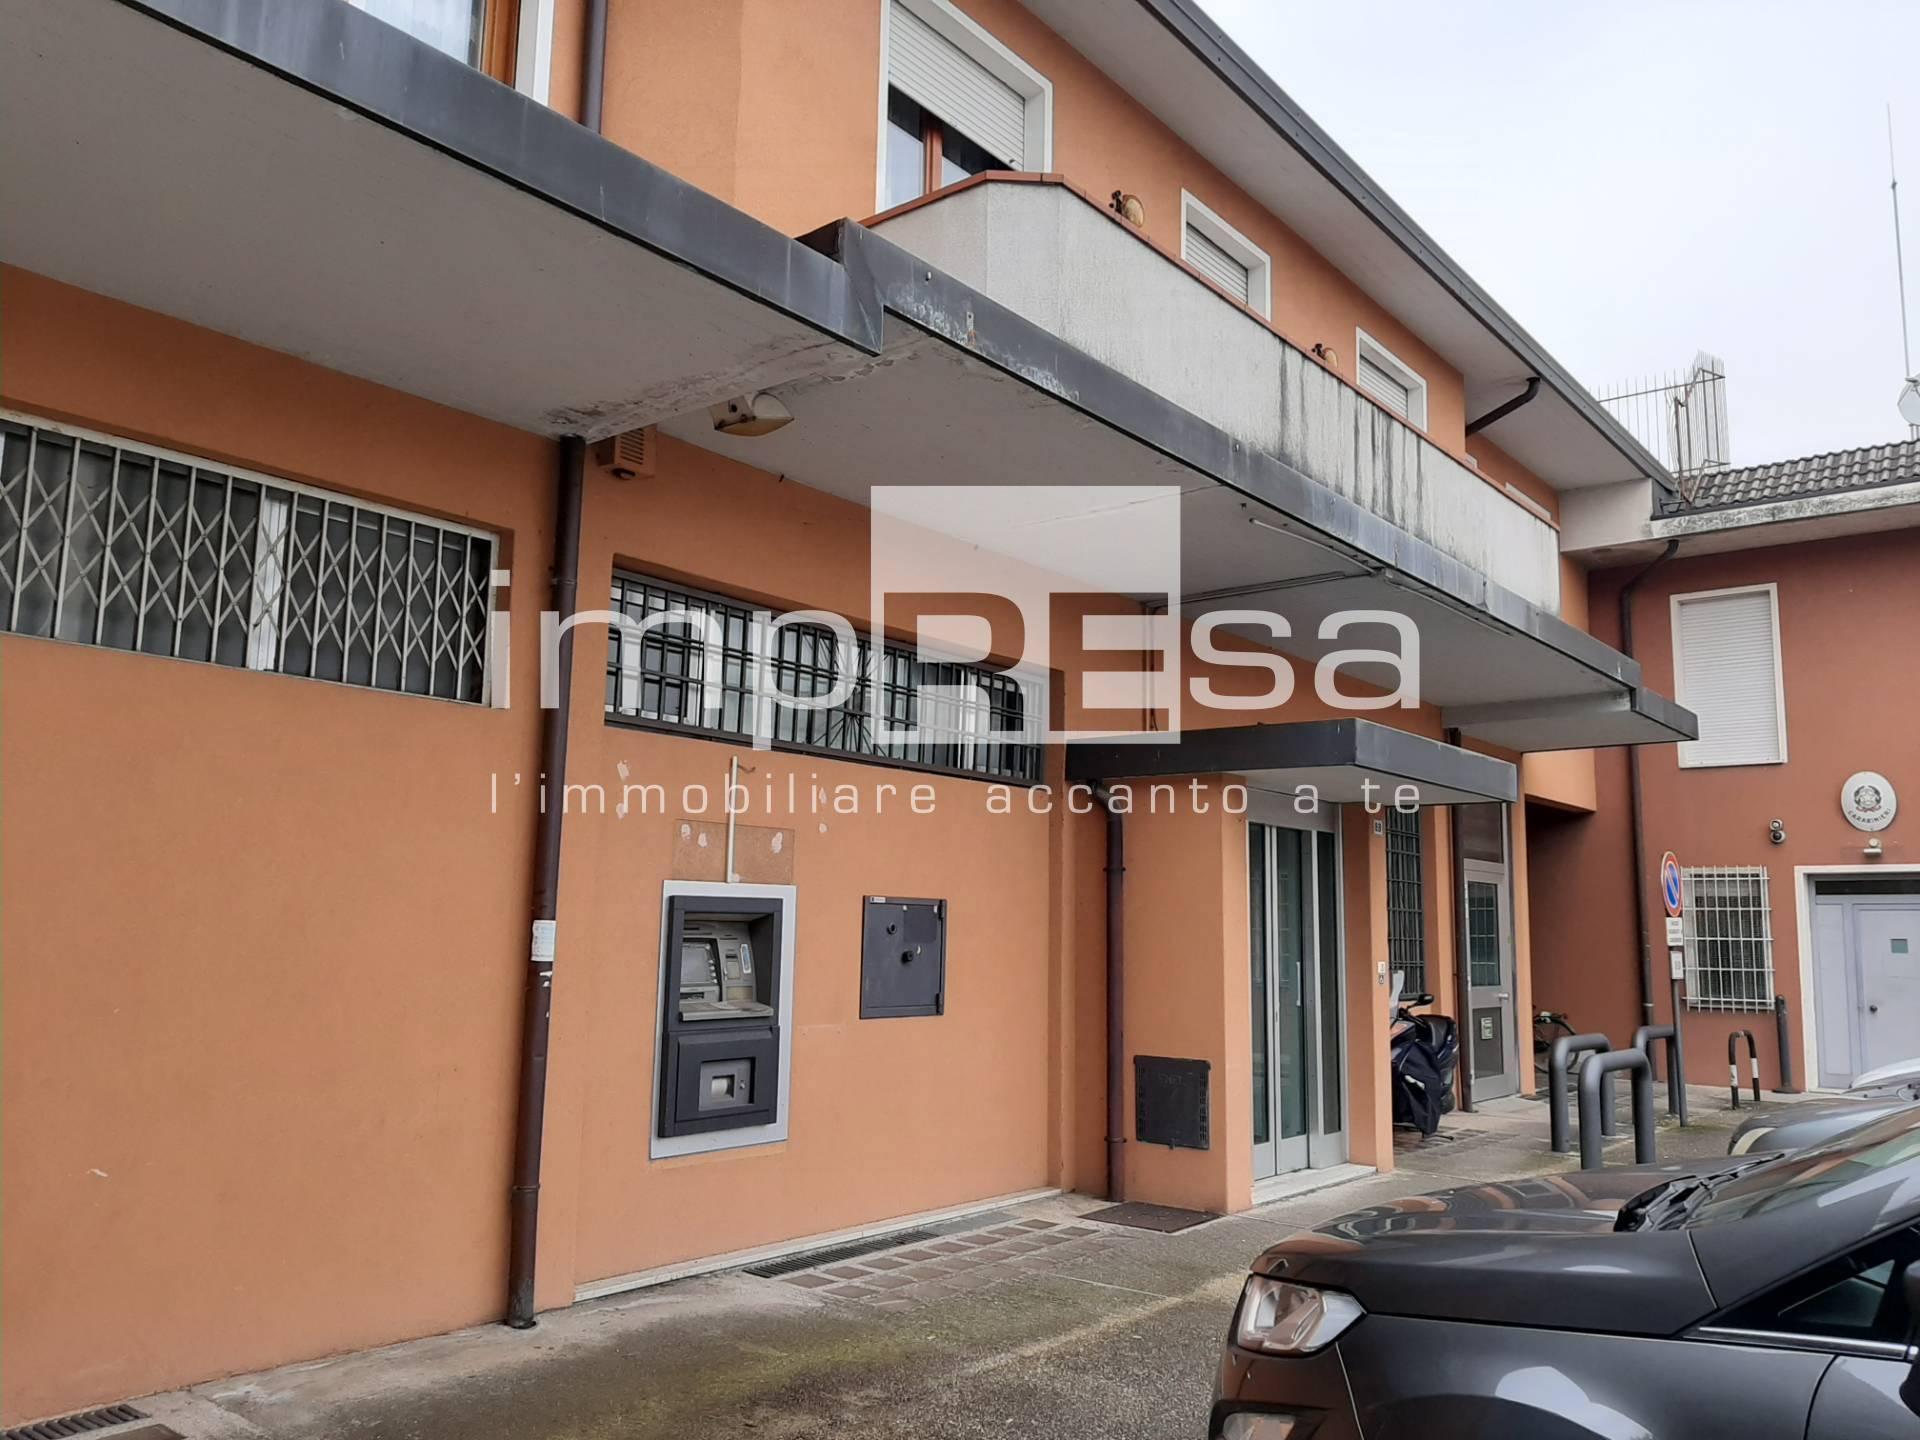 Ufficio / Studio in vendita a Istrana, 9999 locali, prezzo € 400.000 | CambioCasa.it